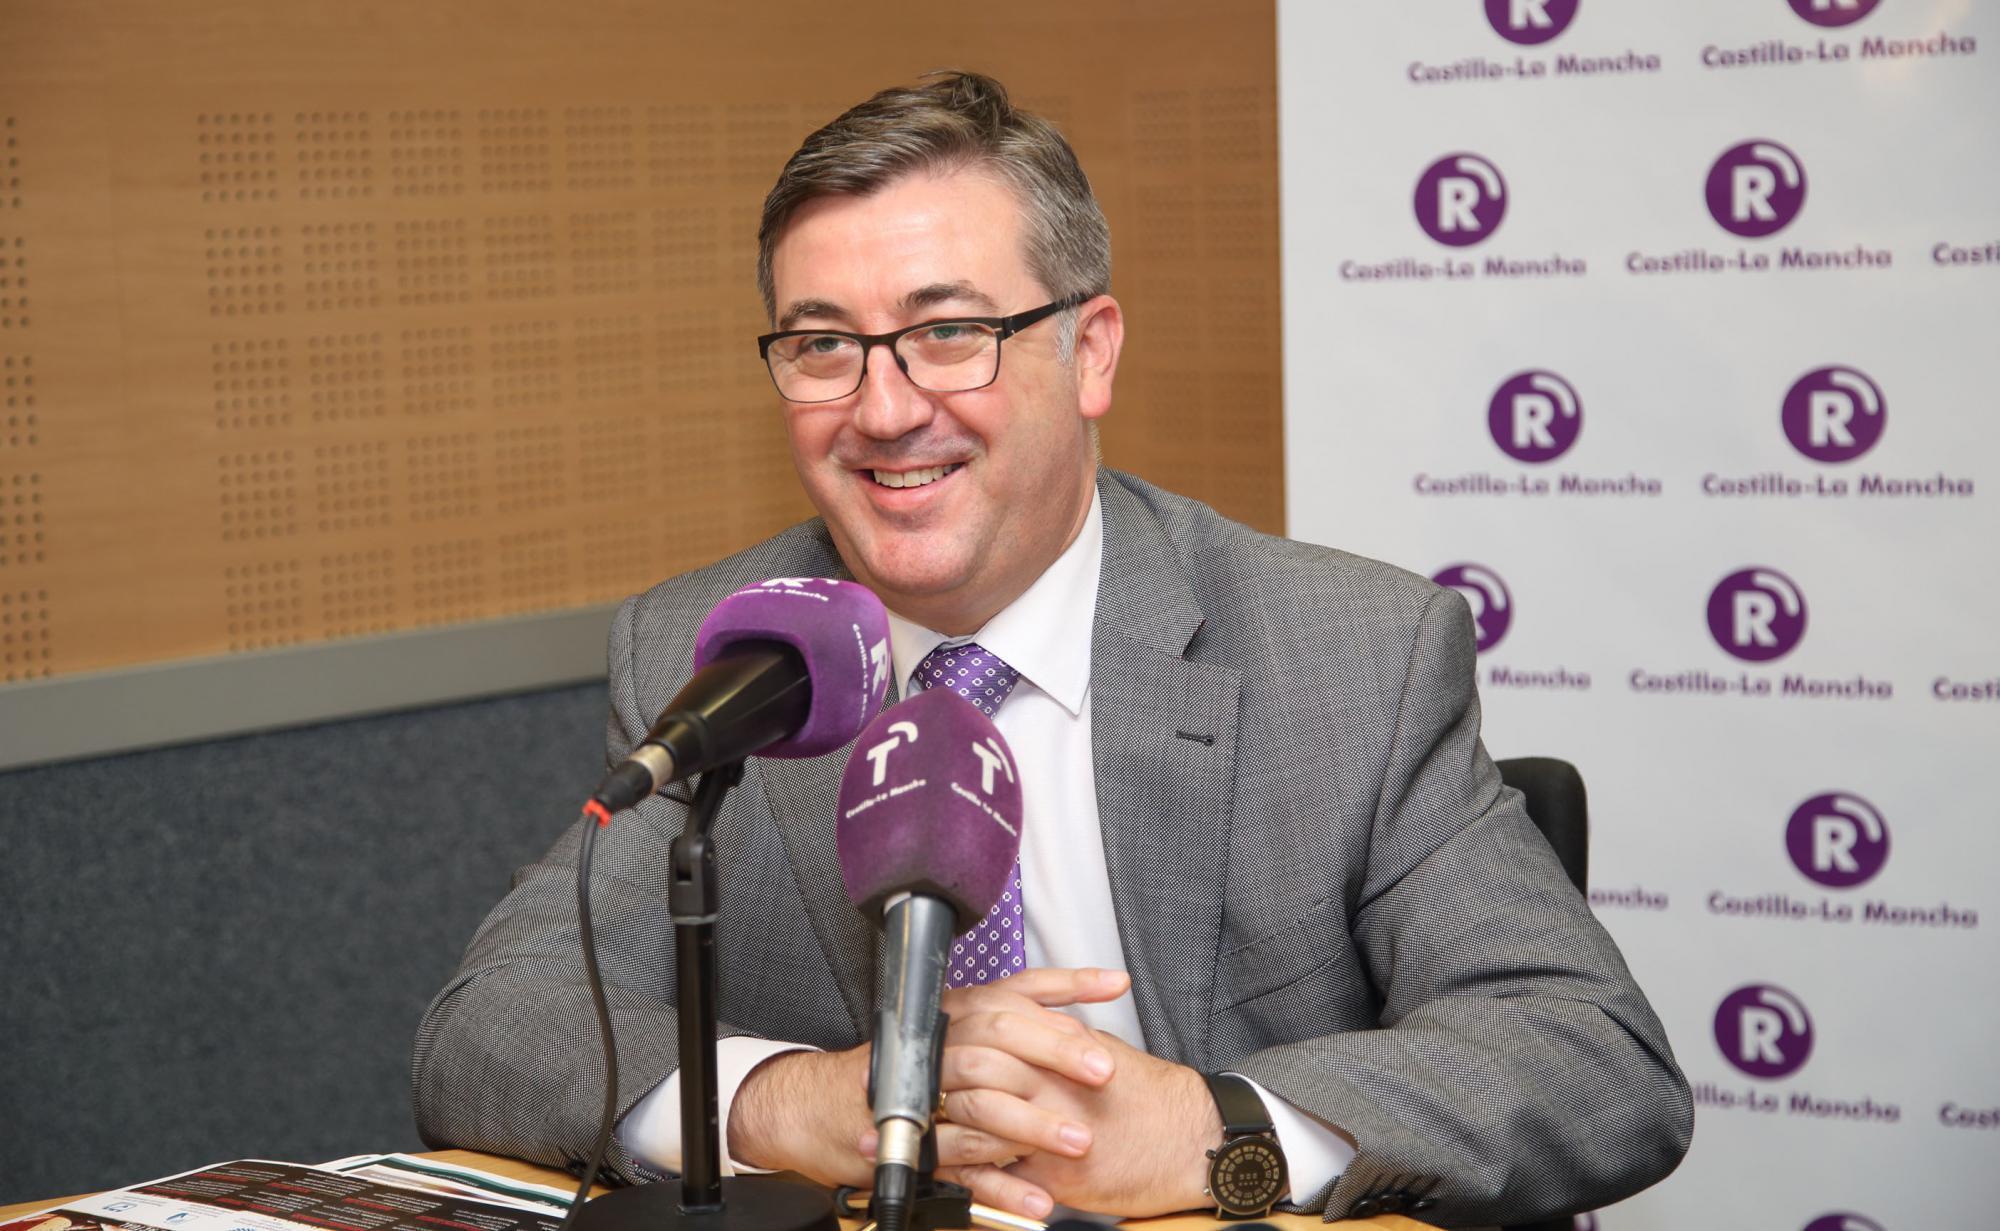 El consejero Marín defiende el Anteproyecto de Ley de la Actividad Física y el Deporte de Castilla La Mancha